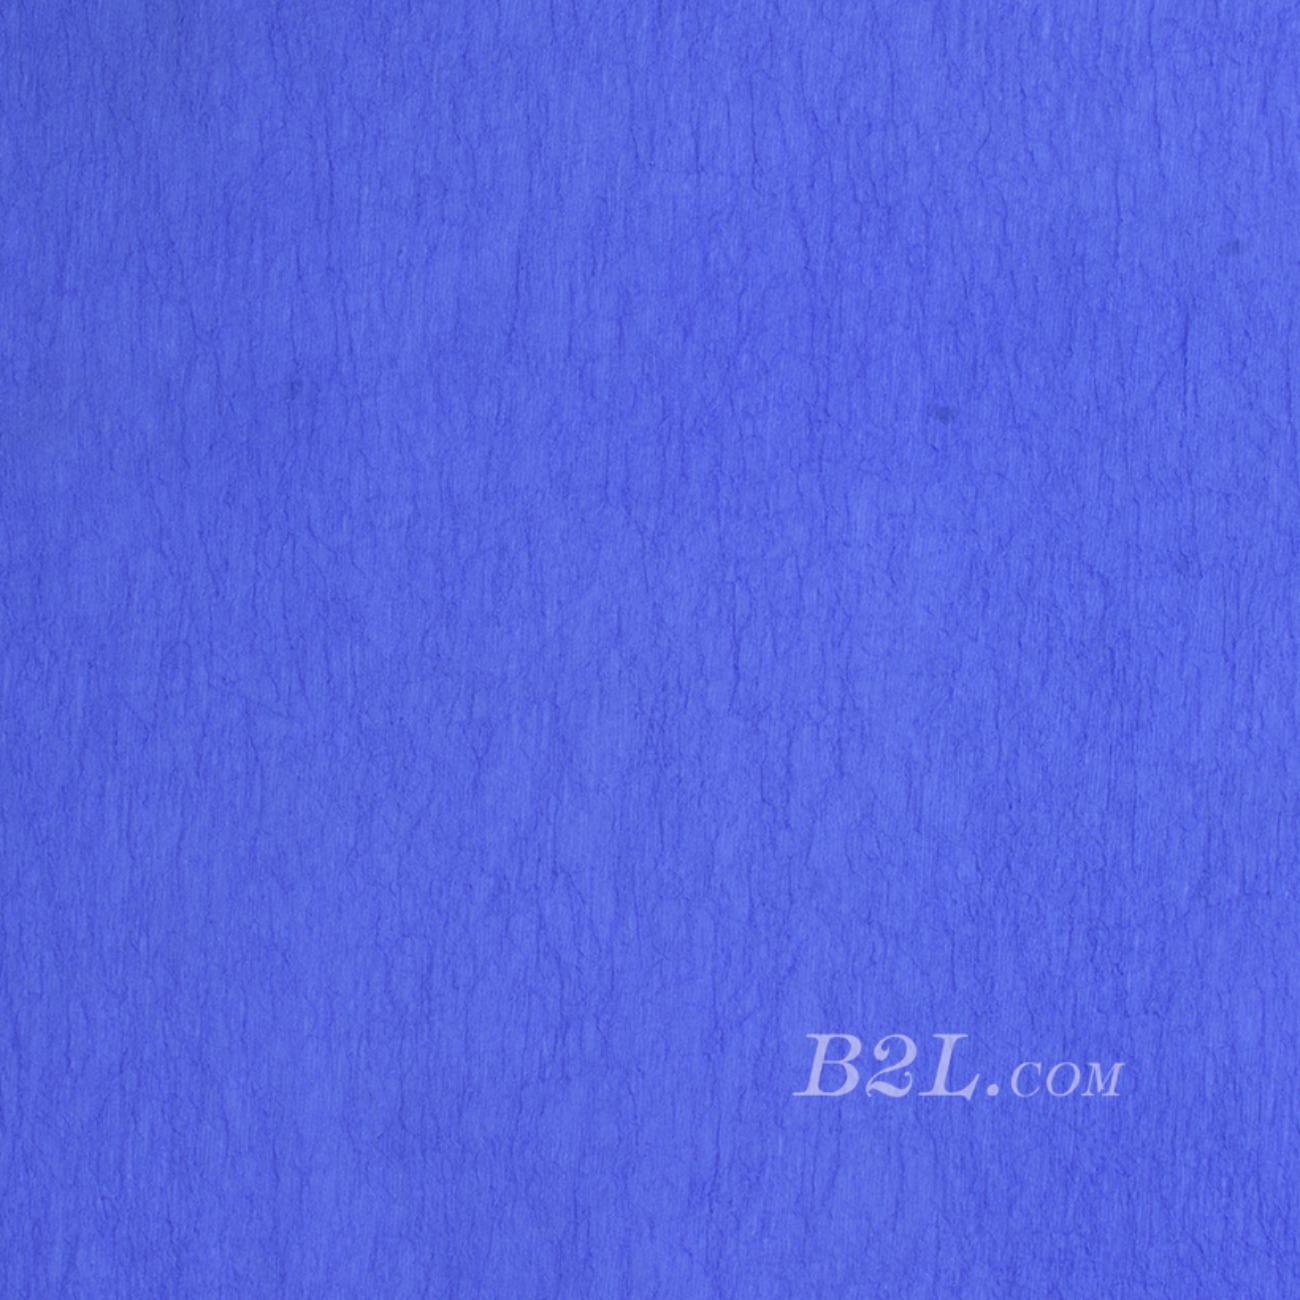 梭织素色染色连衣裙 短裙 衬衫 低弹 春 秋 柔软 超薄 70823-41